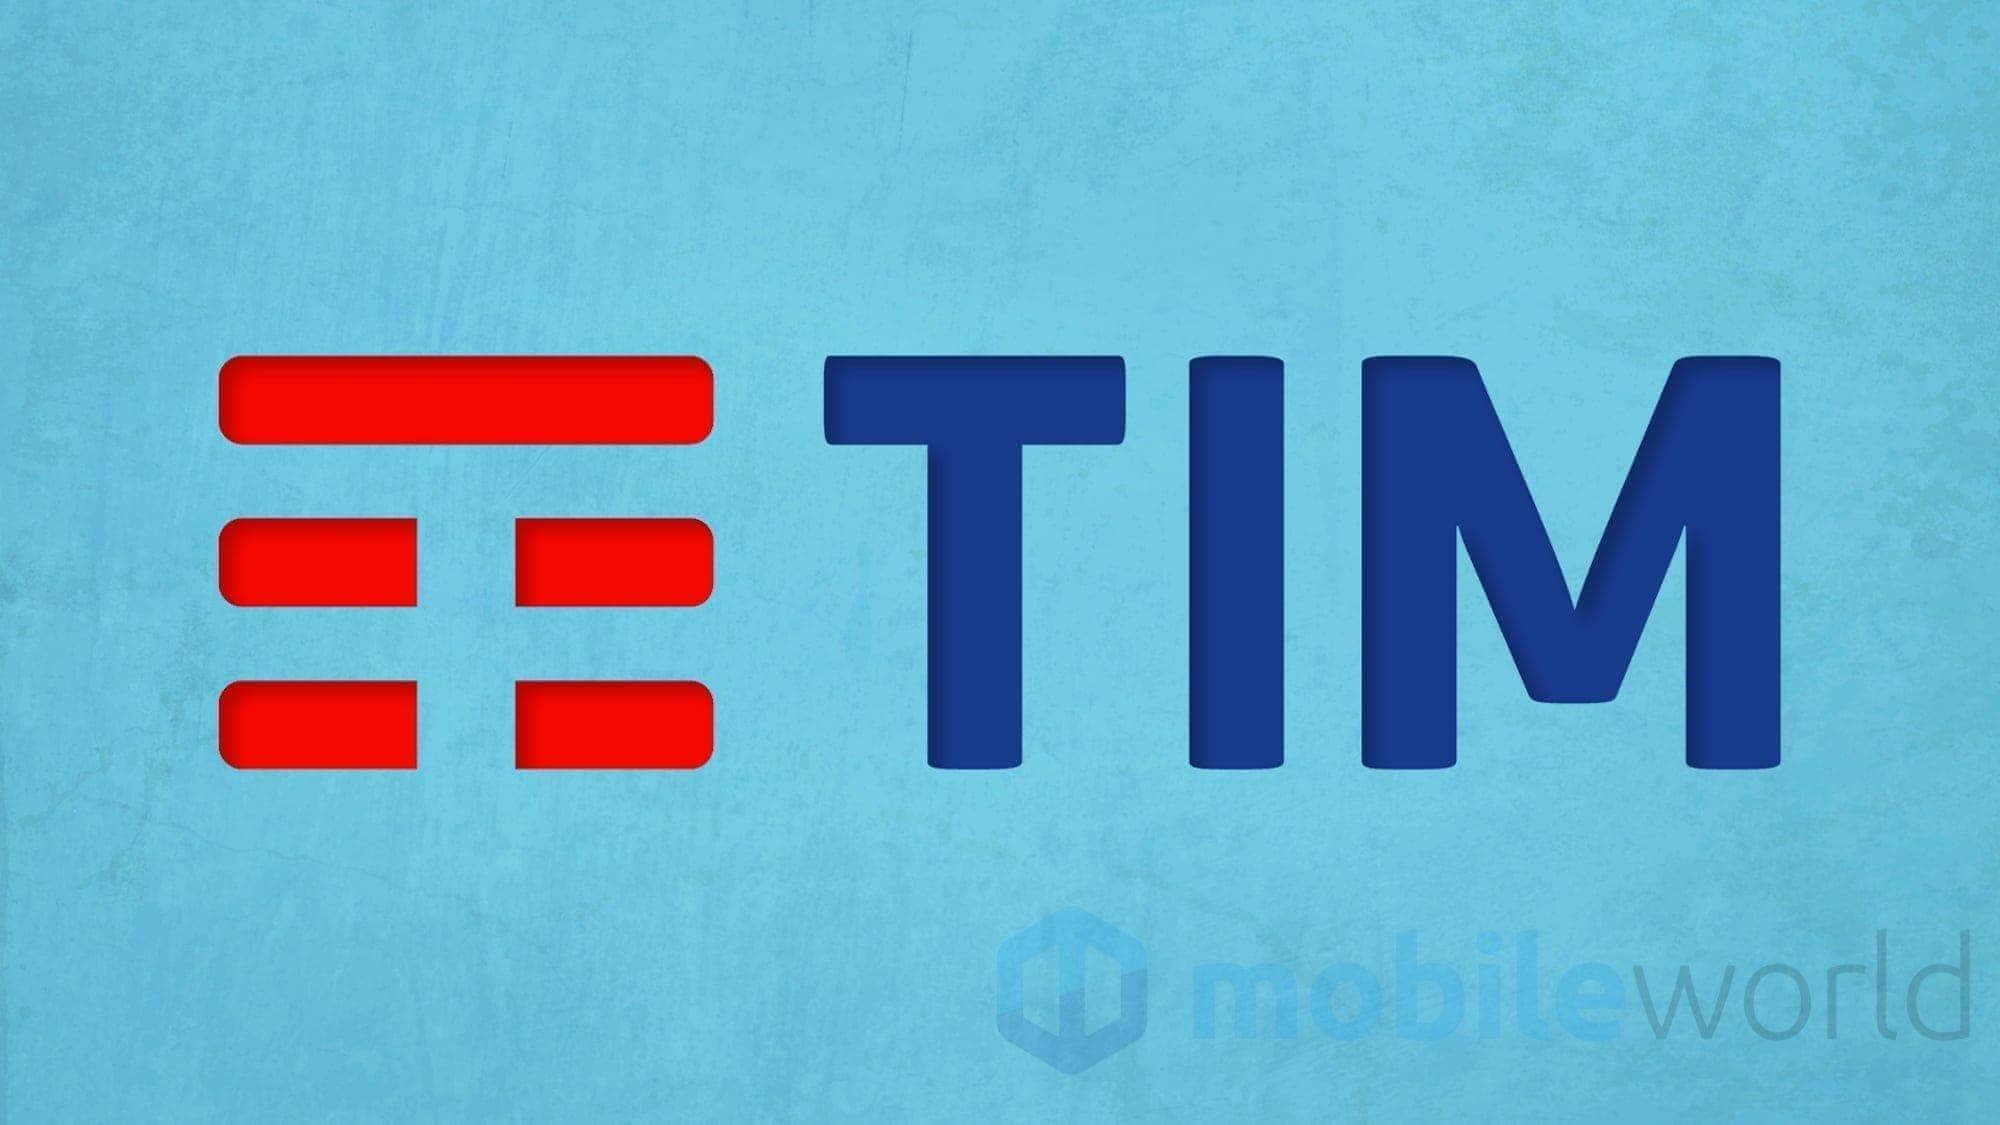 La fibra ottica di TIM ha raggiunto 2.700 nuovi comuni nei primi sette mesi del 2020